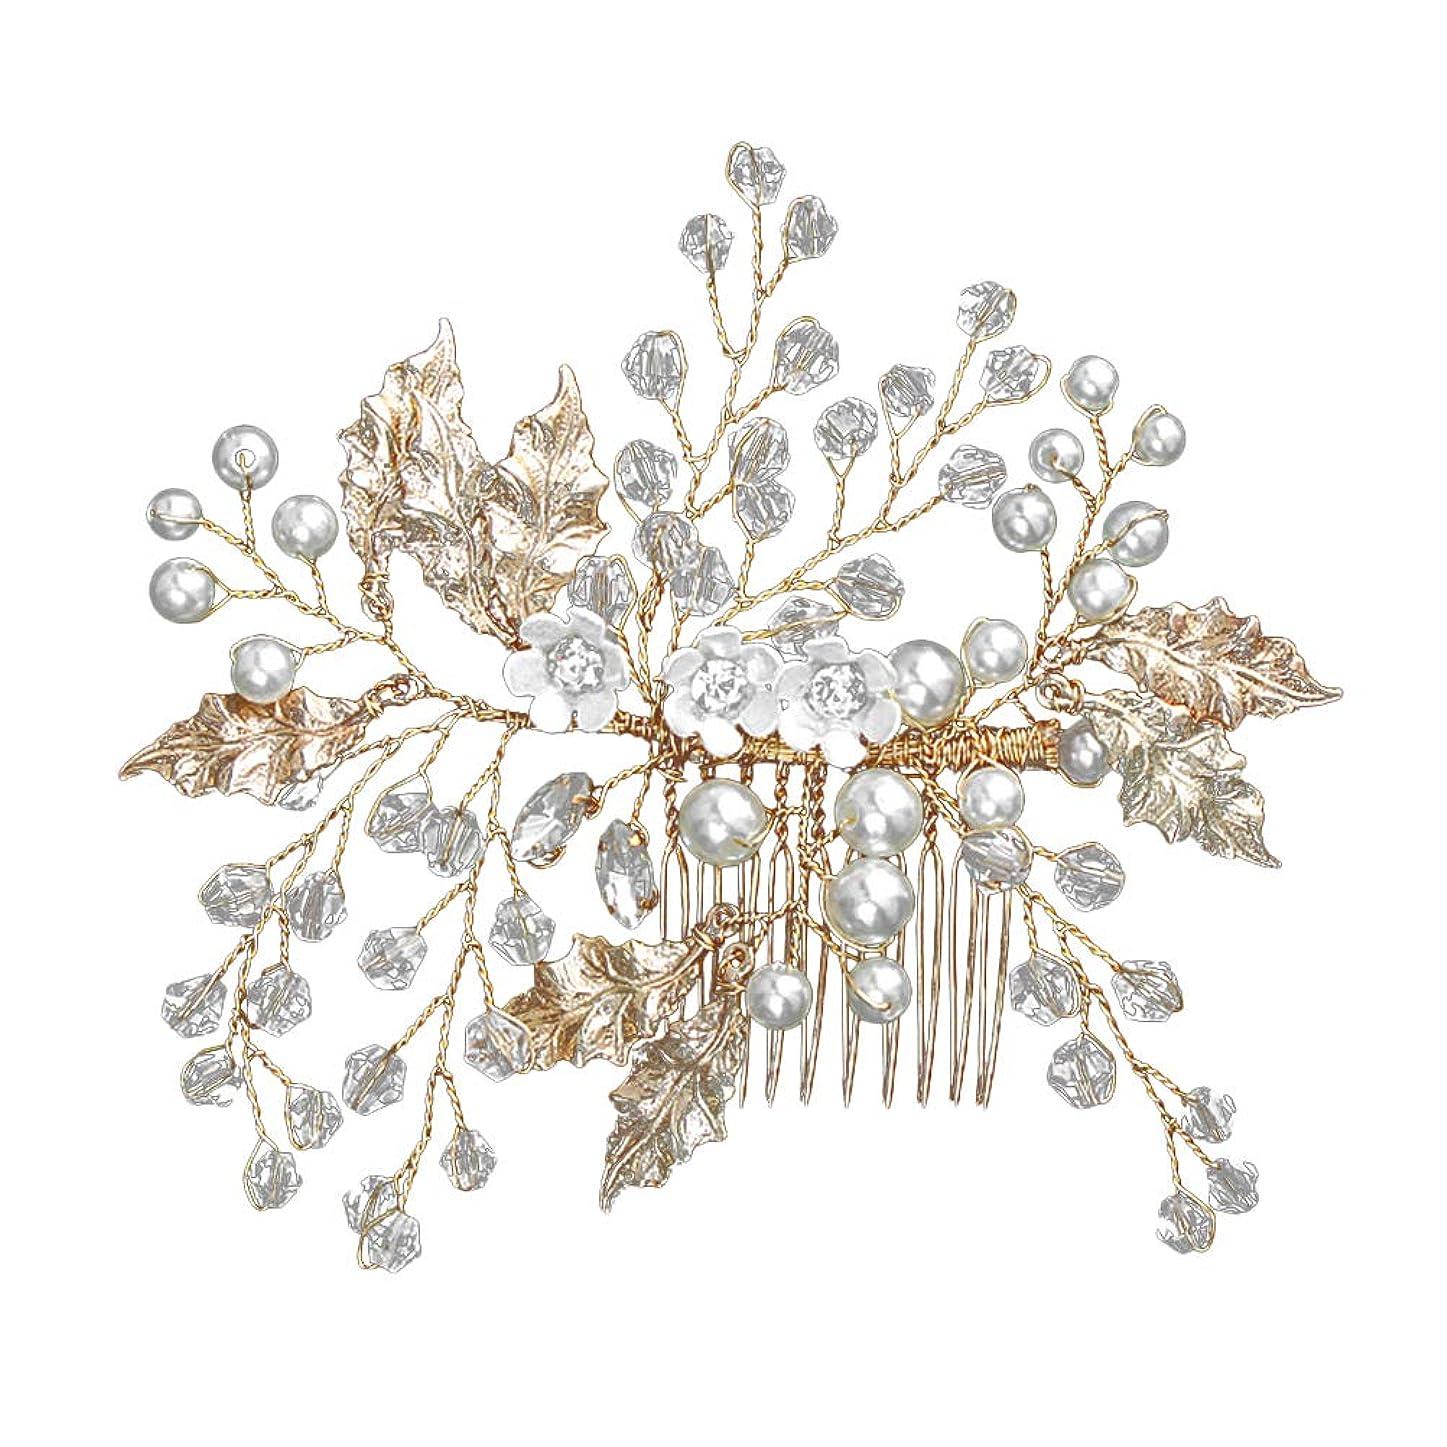 バングラデシュいっぱいマチュピチュLURROSE 新鮮なスタイルの髪の櫛手作りの花の結晶ヘッドドレス葉合金花嫁のヘアアクセサリー花嫁介添人の髪飾り宴会結婚式